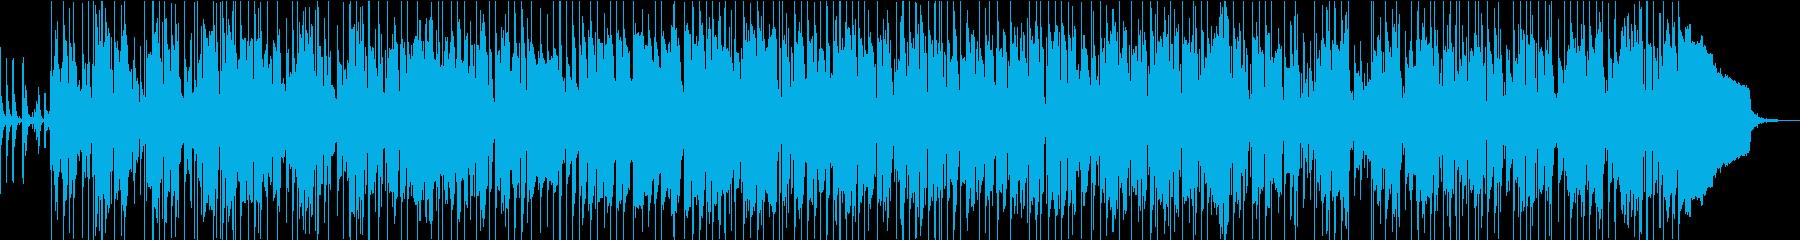 南国チックで、ほのぼのしたポップスの再生済みの波形